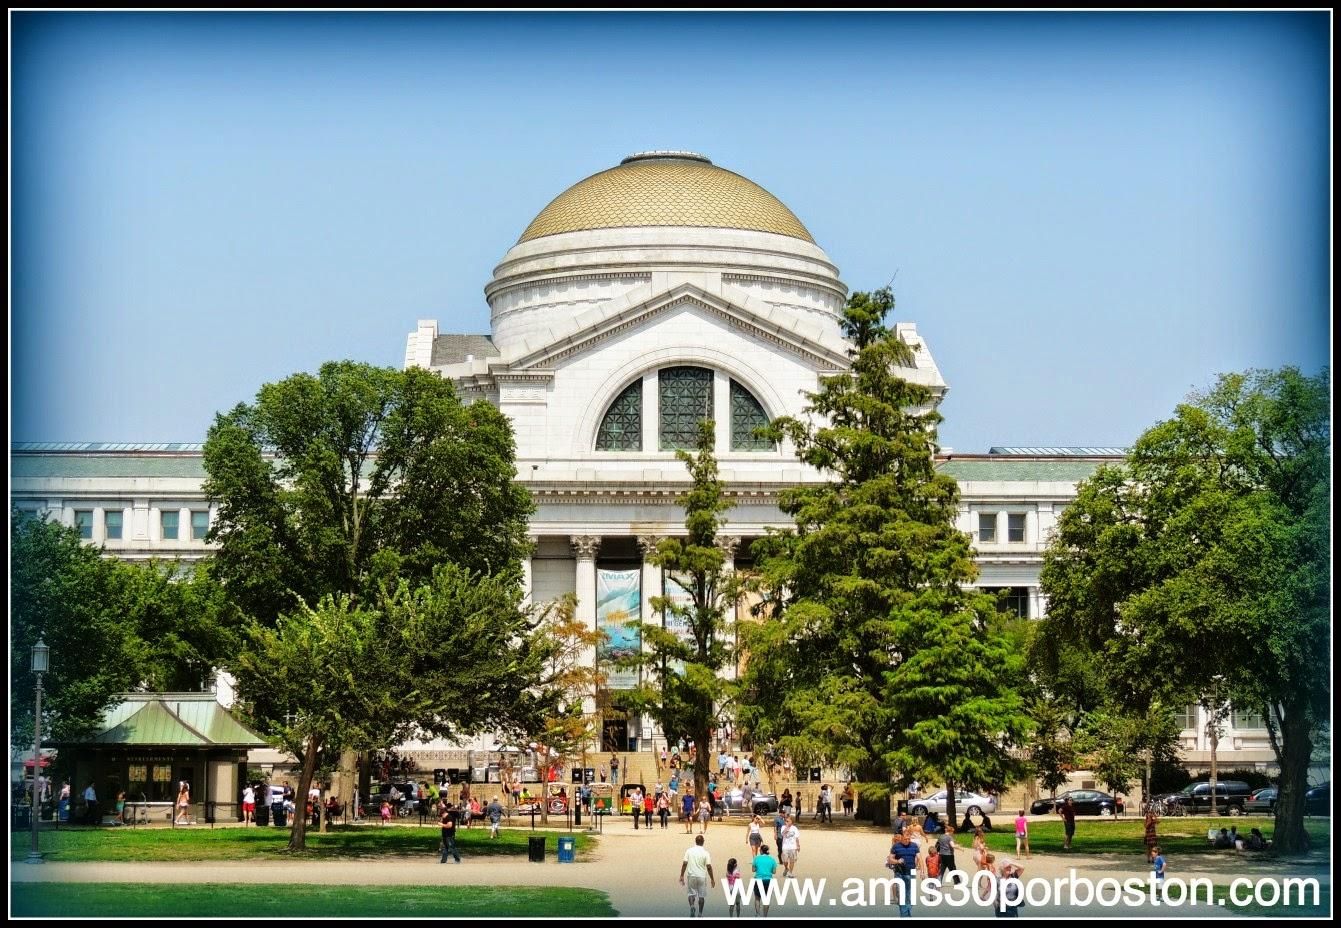 Museo Nacional de Historia Natural en el National Mall de Washington D.C.